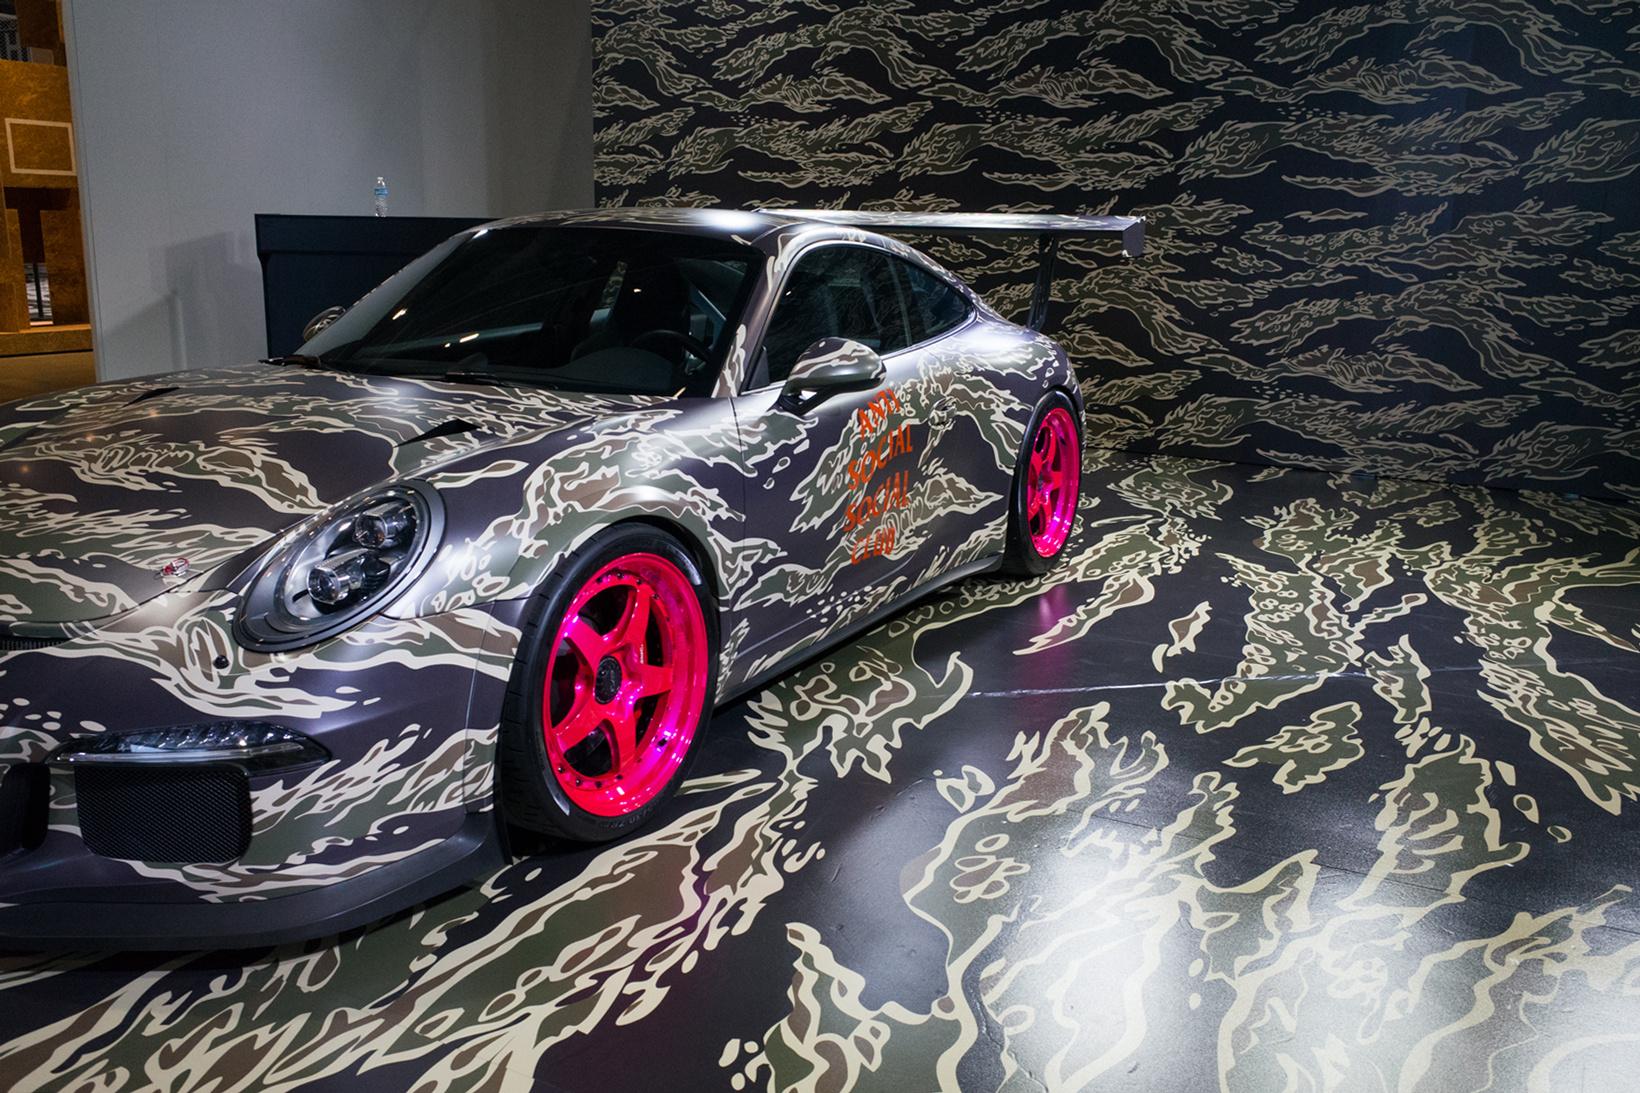 La sublime Porsche Anti Social Social Club pour la collection capsule avec Undefeated